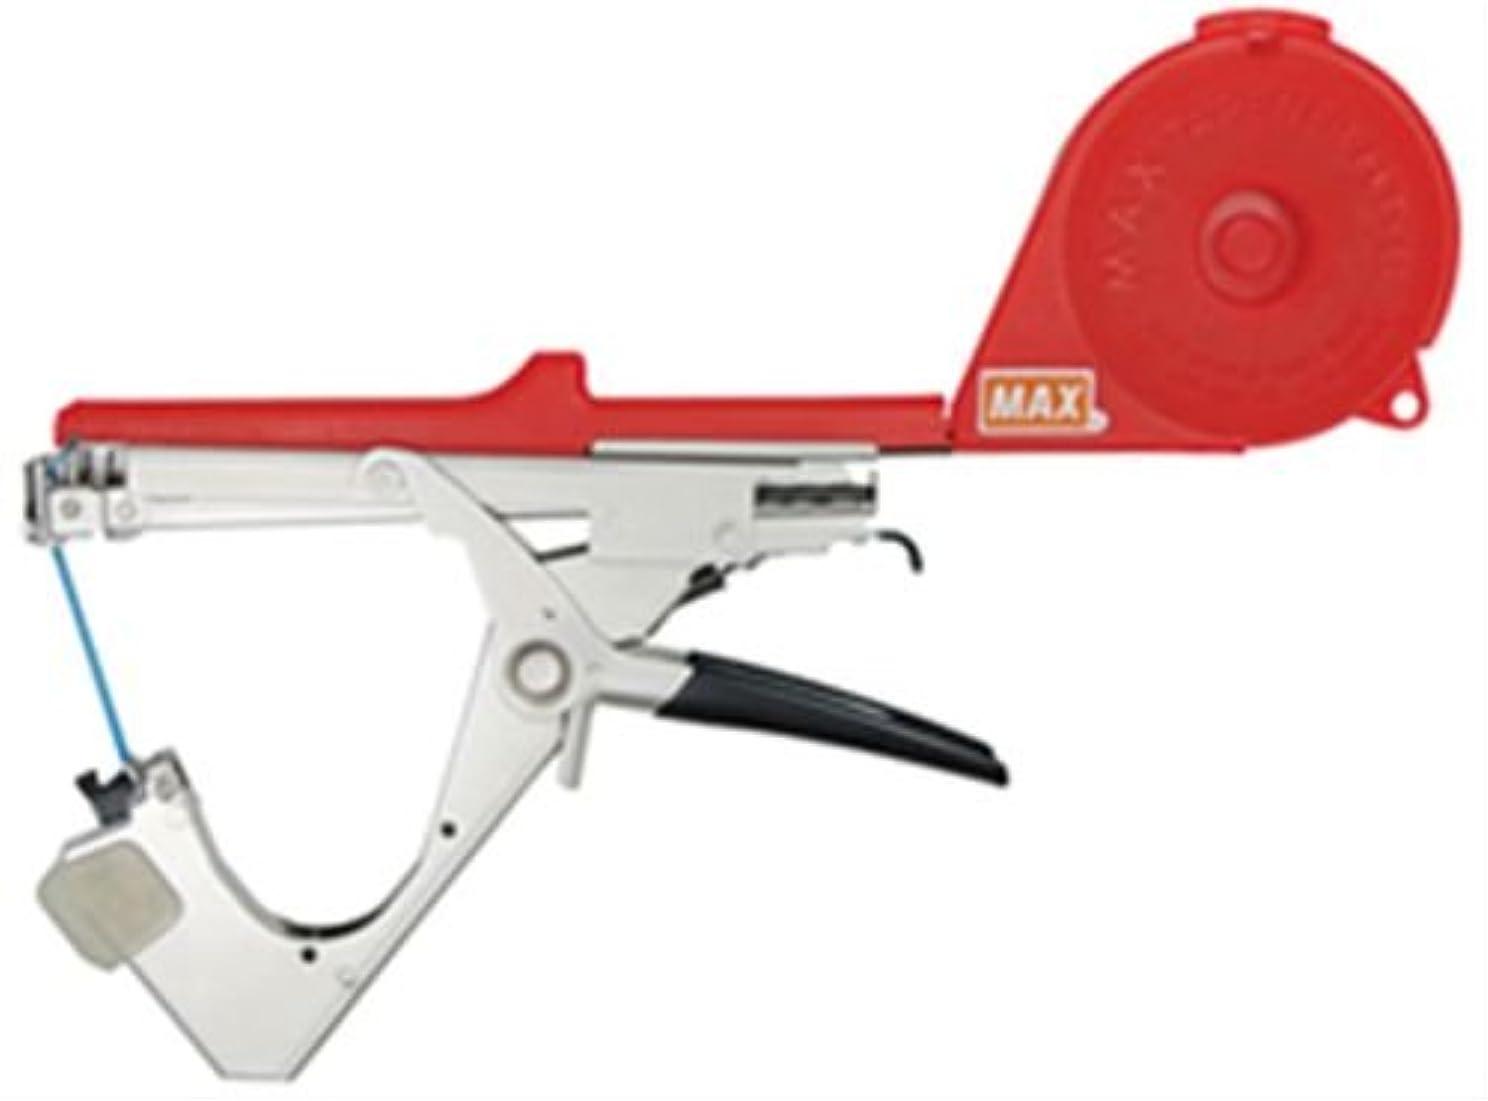 居住者肌寒いクリークマックス(MAX) 園芸用誘引結束機 テープナー 結束径45mmまで 【軽とじ】タイプ HT-B(NS)